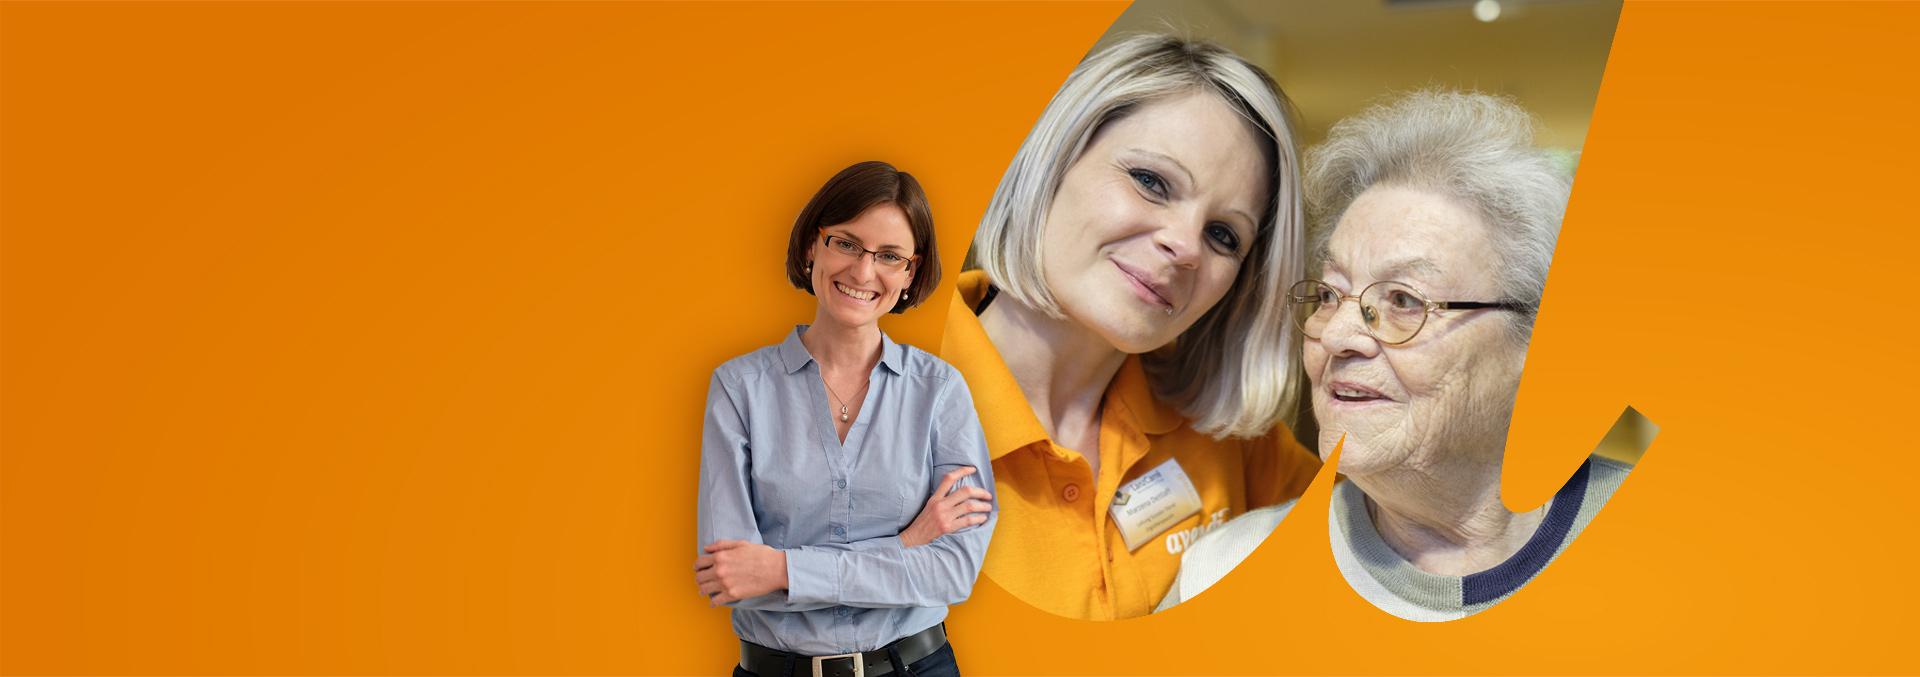 Slider Karriere; vorankommen bei avendi. Pflegekraft und Bewohnerin Seite an Seite, im Vordergrund Fr. Sabrina Klass aus der Verwaltung.